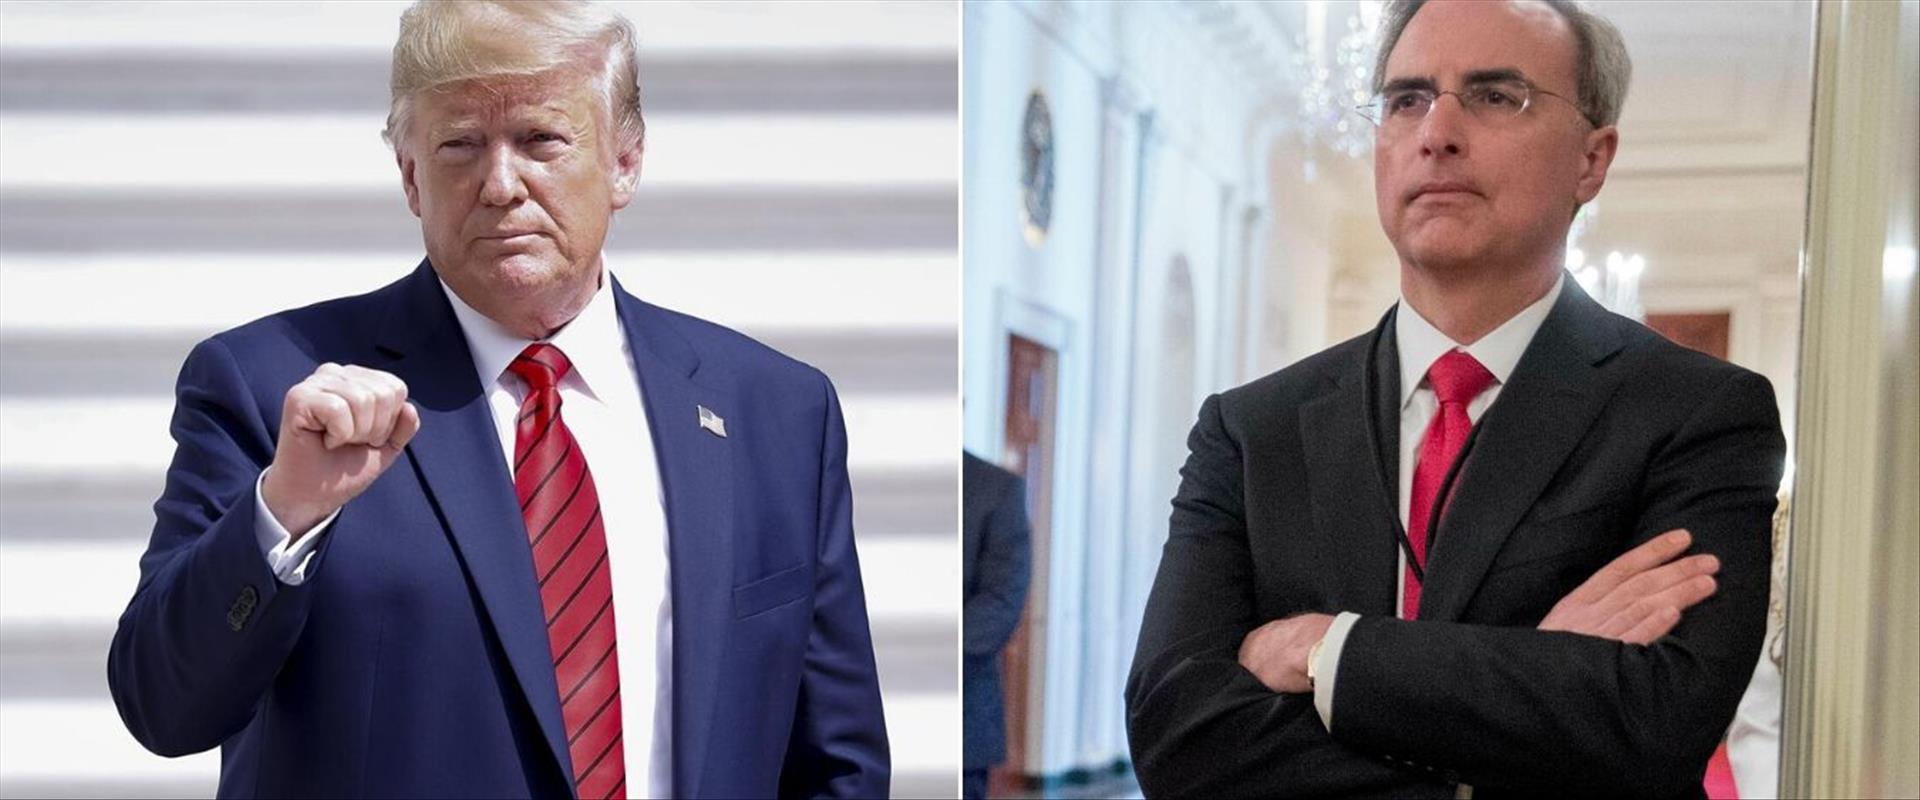 טראמפ ופאט סיפולון